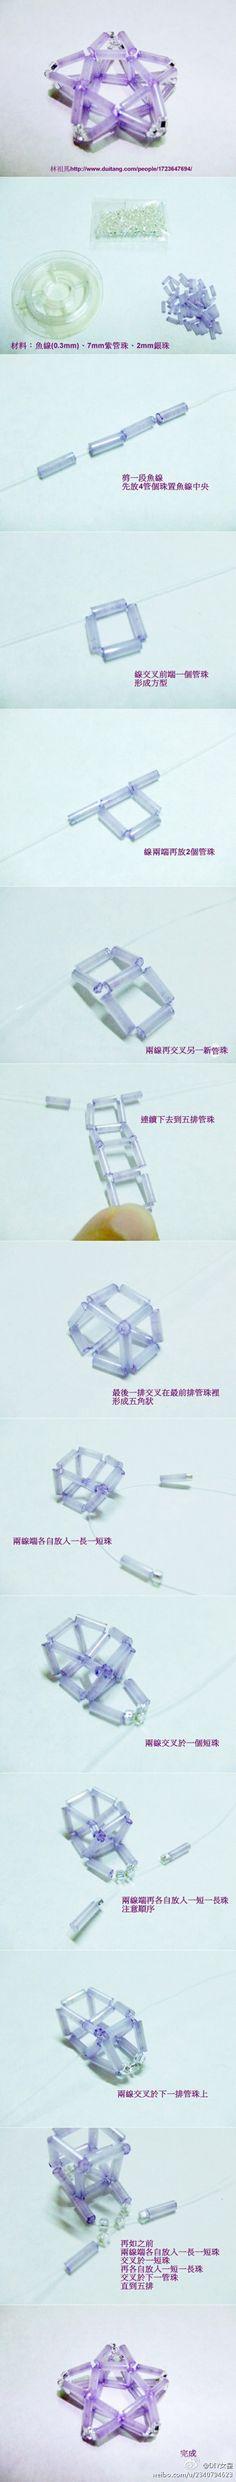 DIY星型串珠~很漂亮哦~